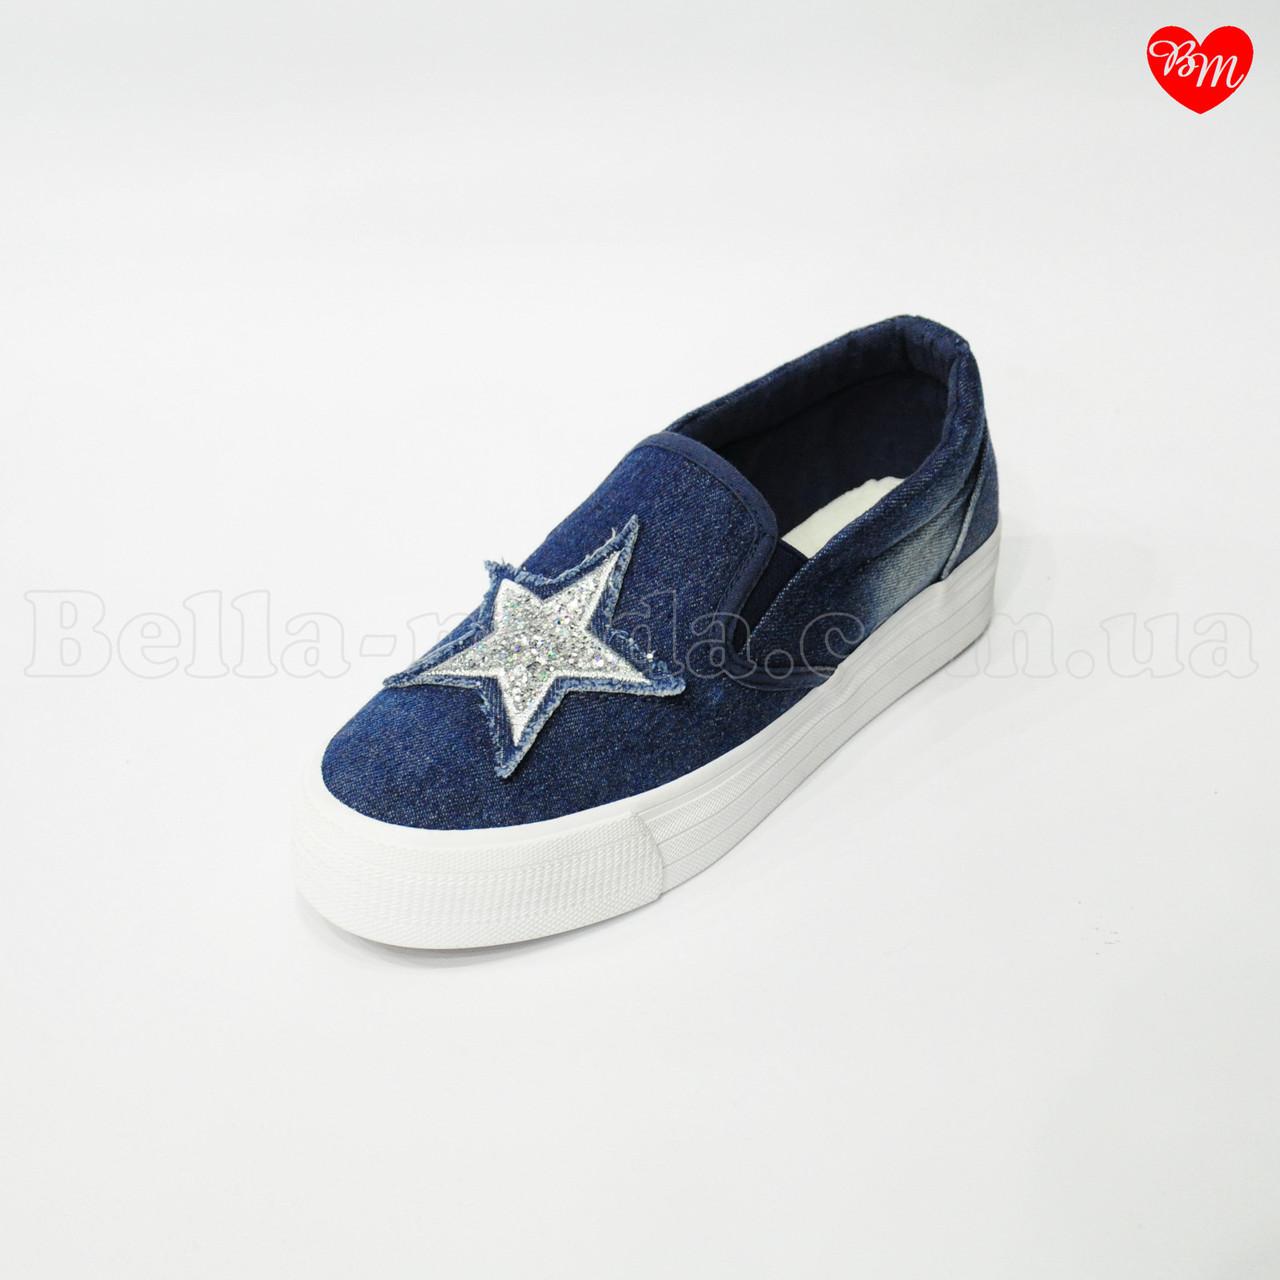 5784a7e60 Слипоны женские джинсовые со звездой - интернет-магазин